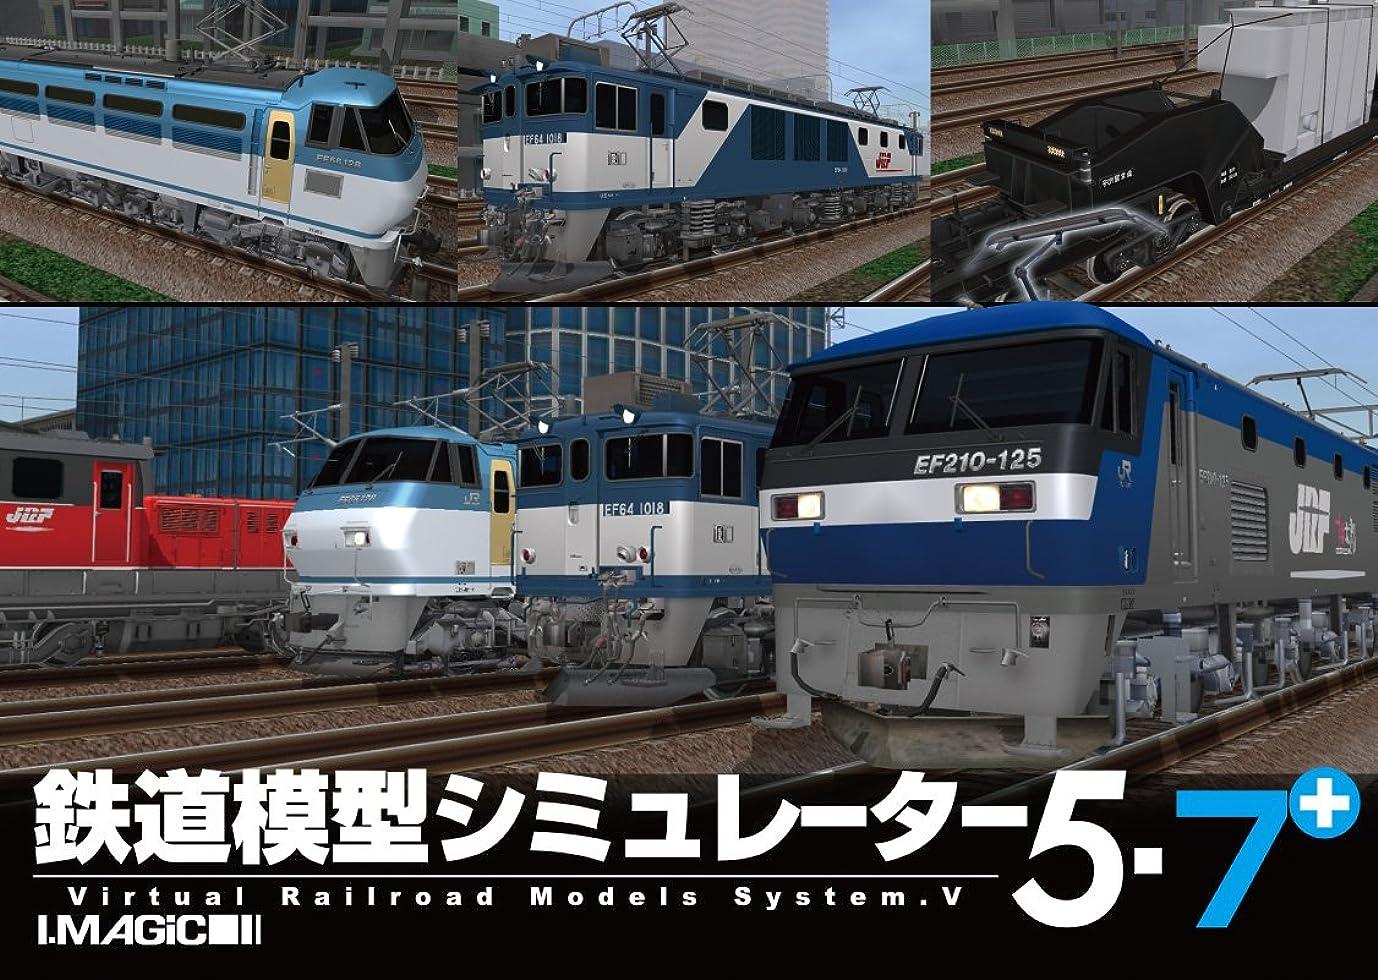 母データベース過ち鉄道模型シミュレーター5-7+